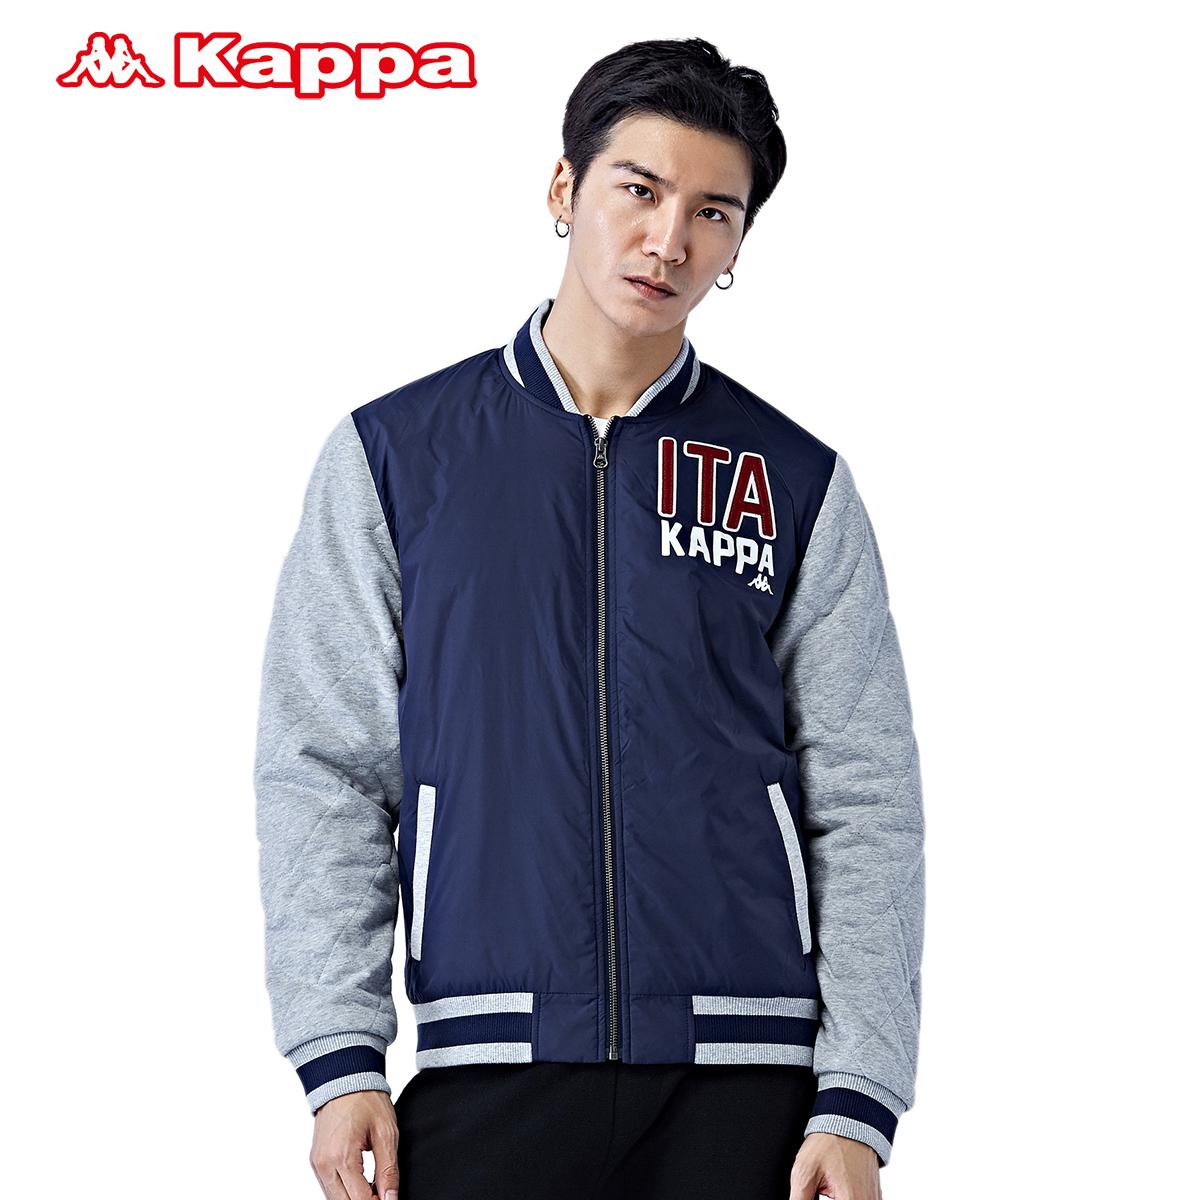 Kappa 男款运动外套夹棉服 运动夹克 拼色外套|K0552MJ12